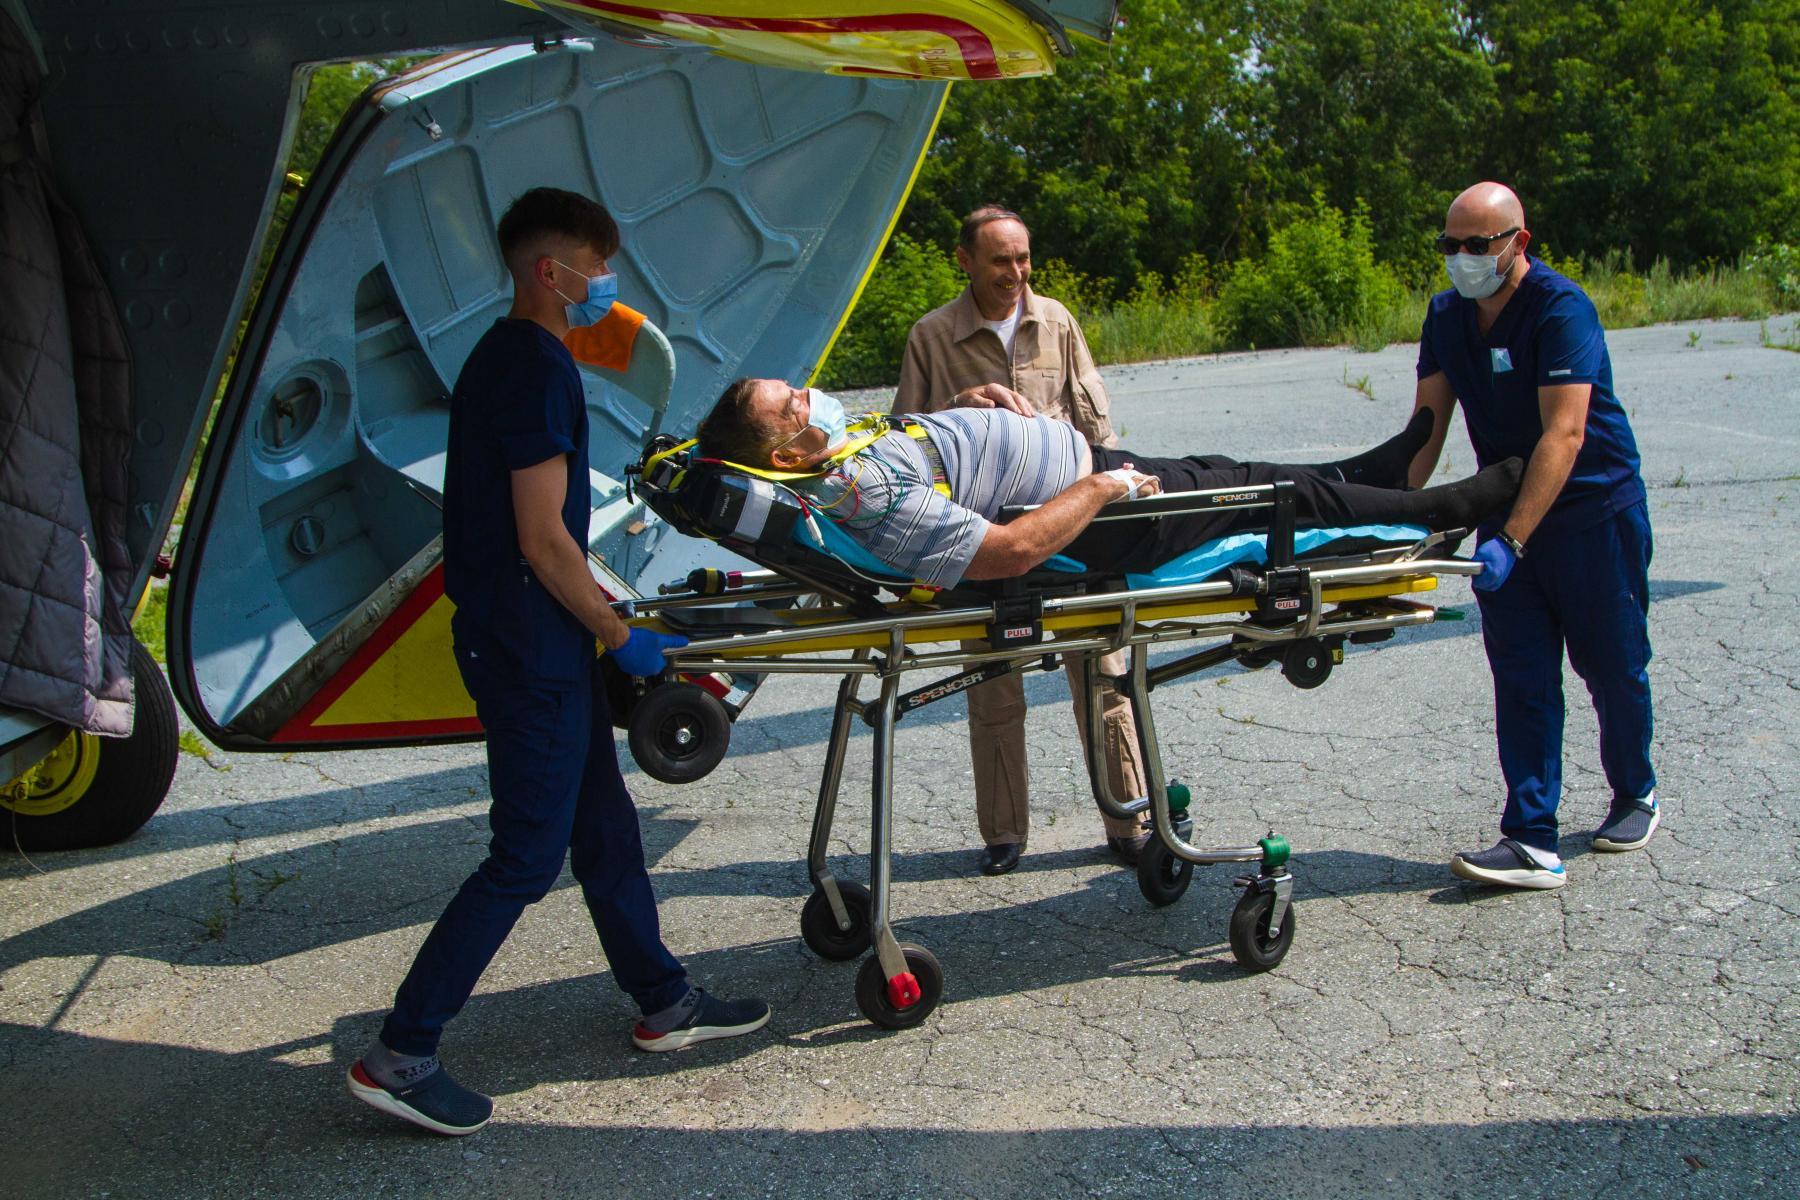 Фото Экстренный вылет: корреспондент Сиб.фм провёл смену с авиамедицинской бригадой 21